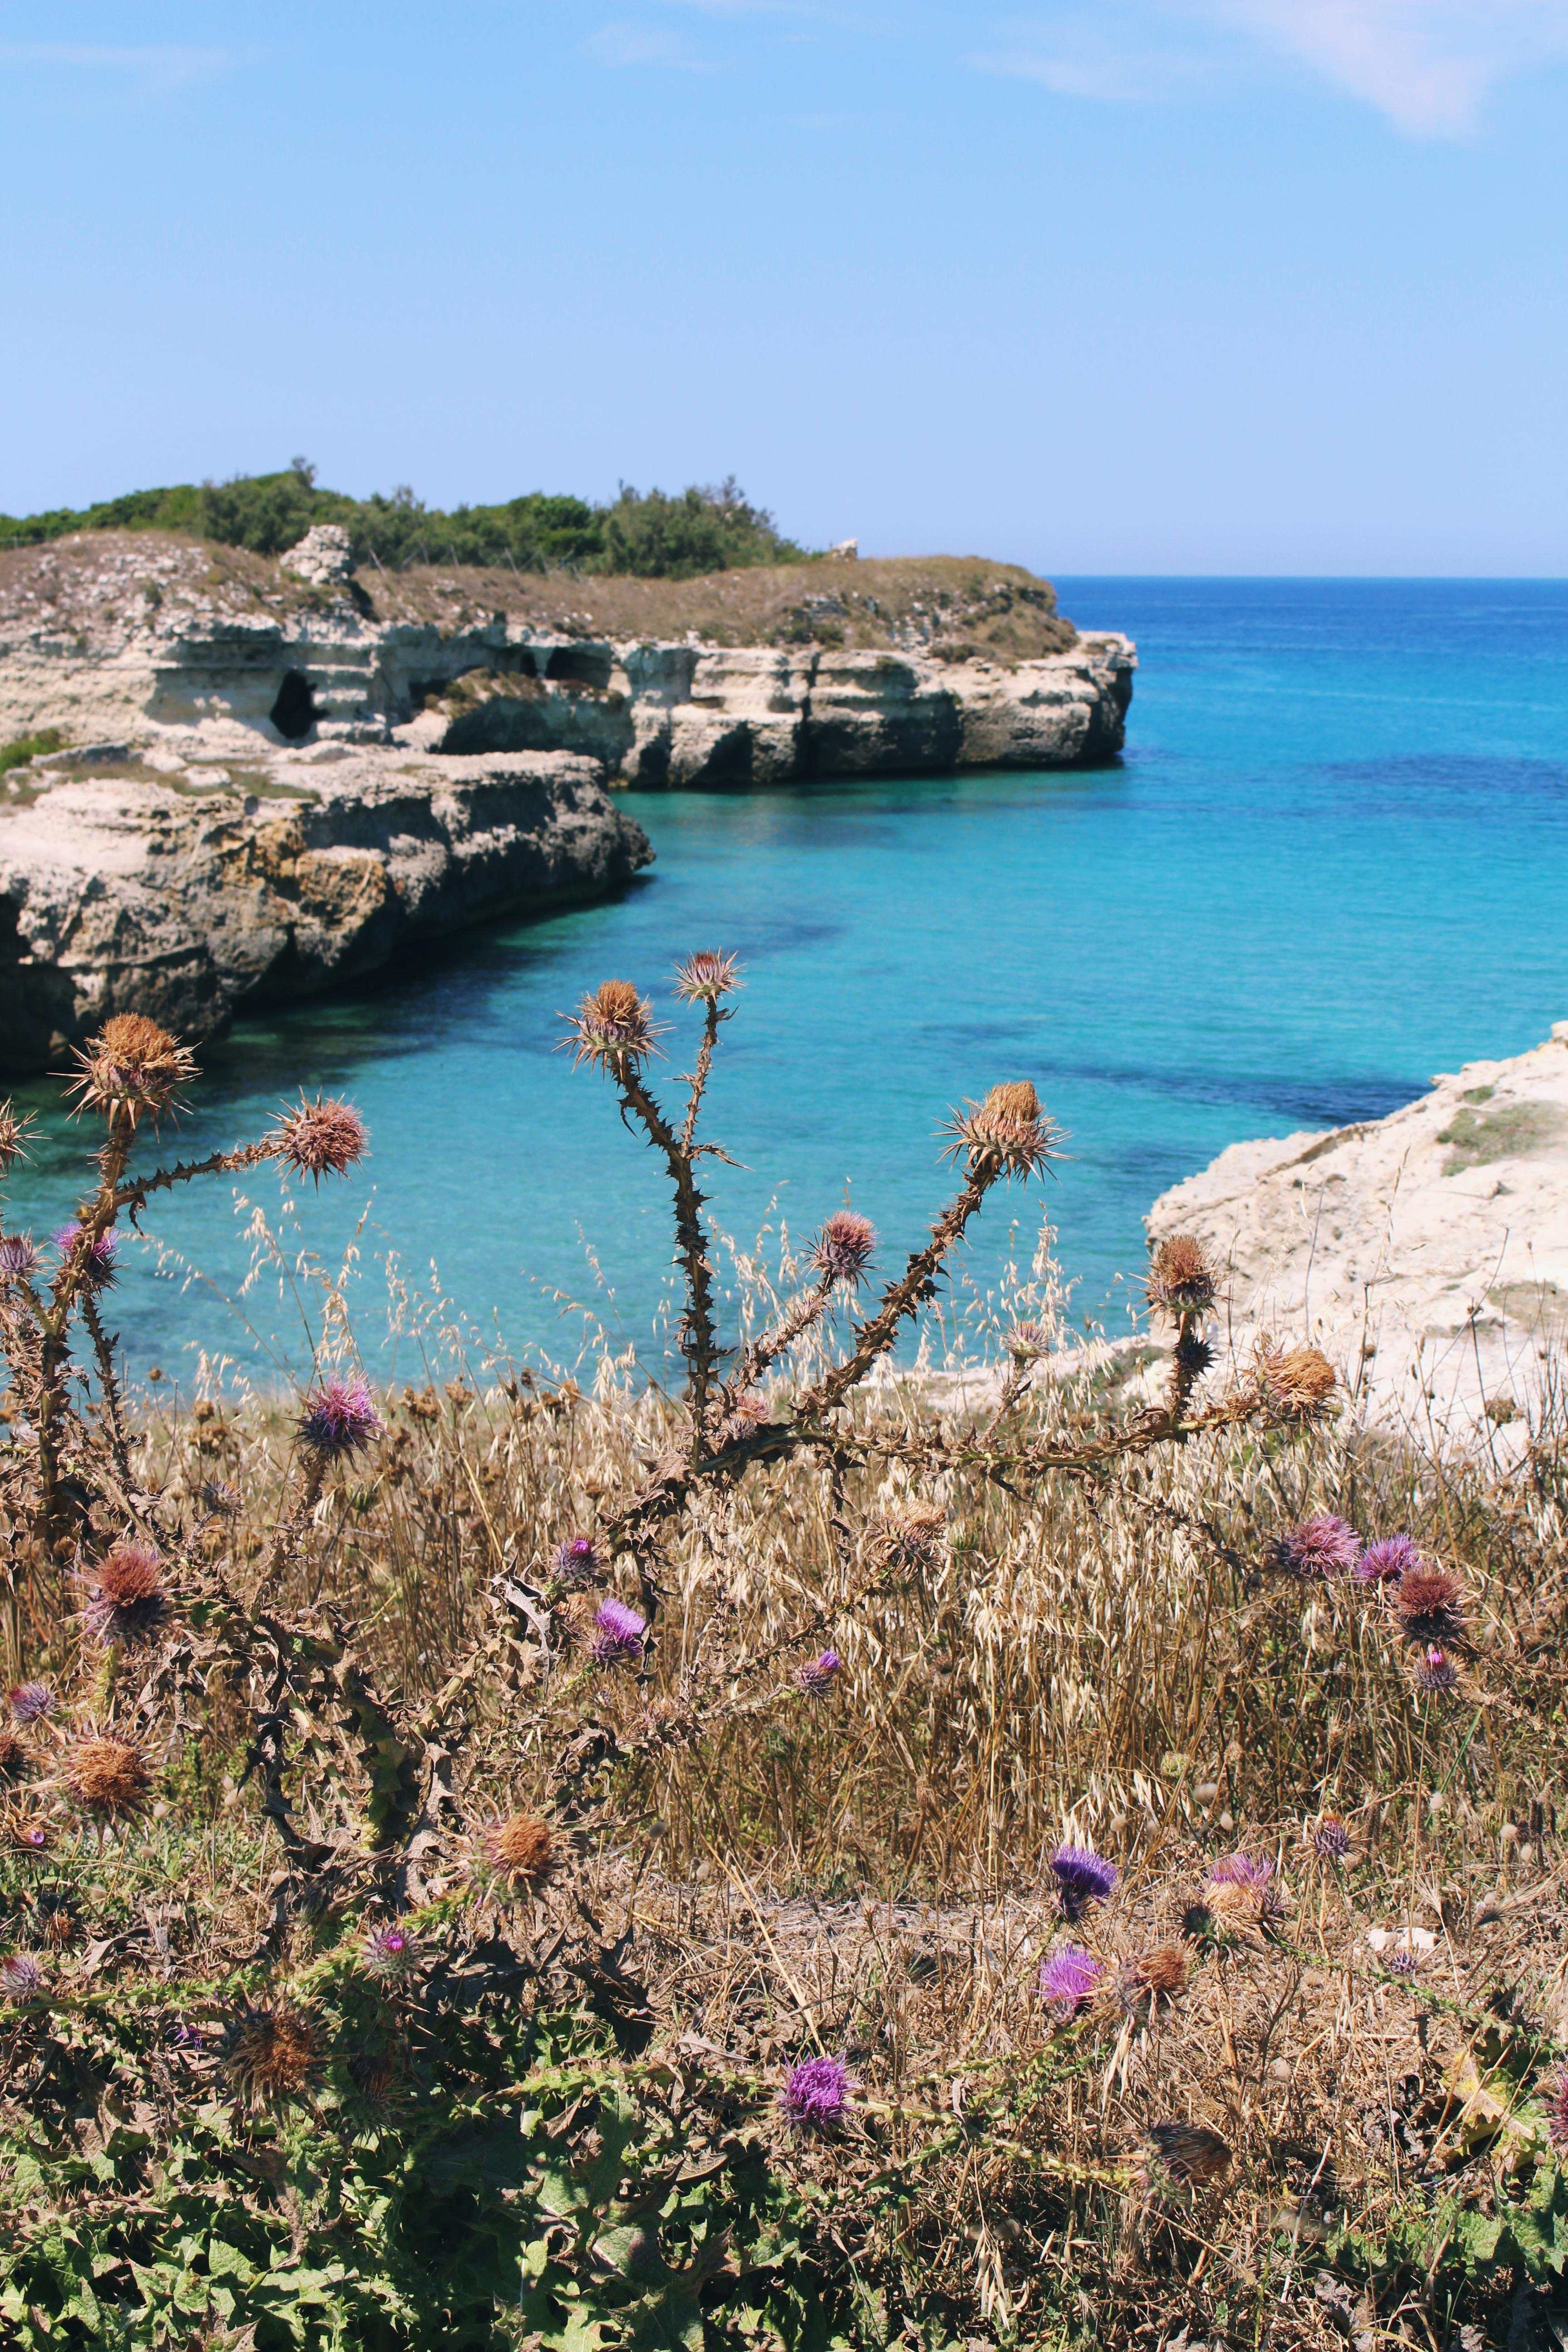 Puglia, Salento, Melendugno, Grotta della poesia, Roca vecchia, Itinerari, viaggi in Puglia, Blog di viaggi